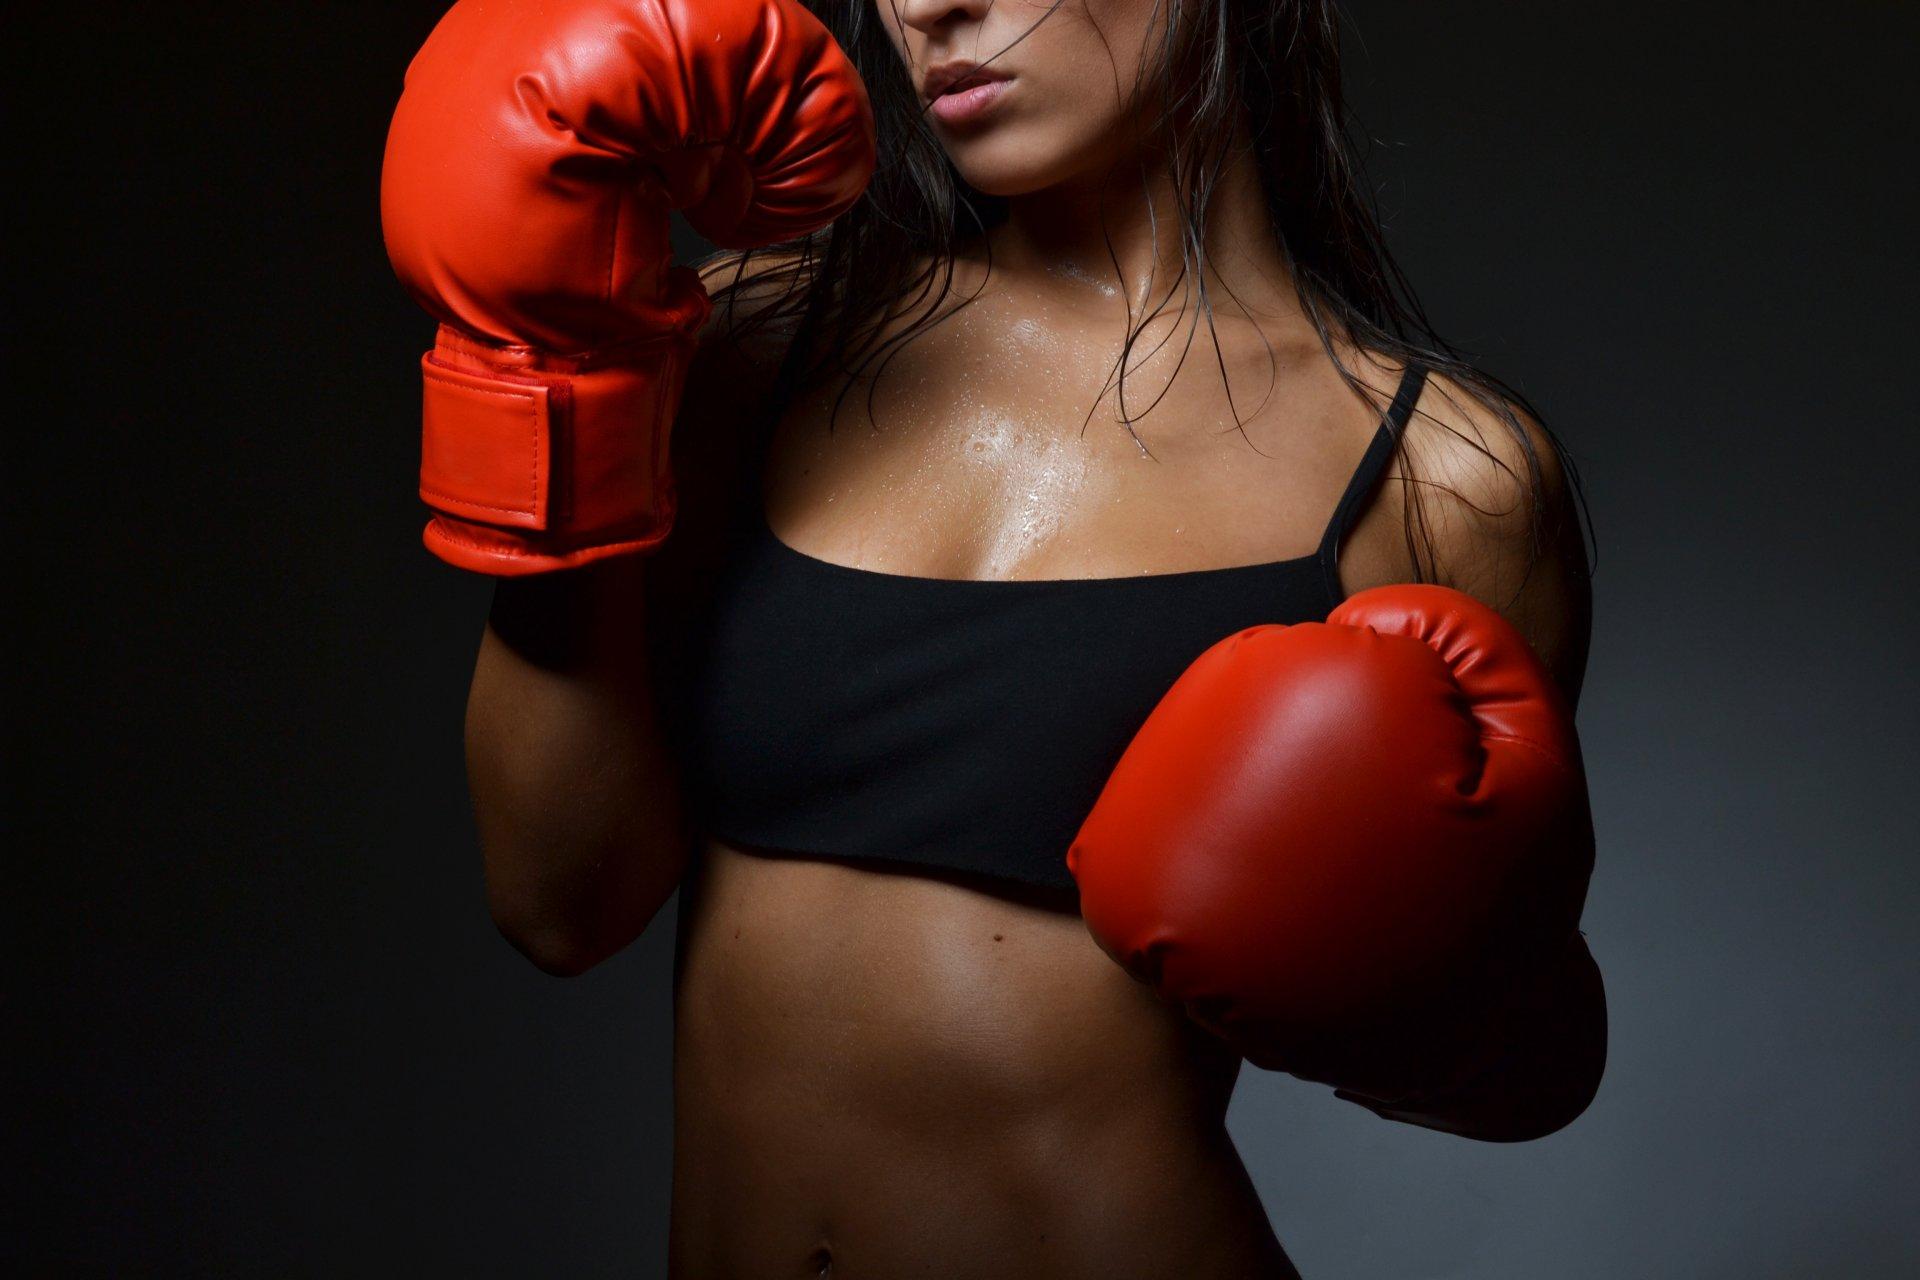 Смотреть свадебные фотки в боксерских перчатках